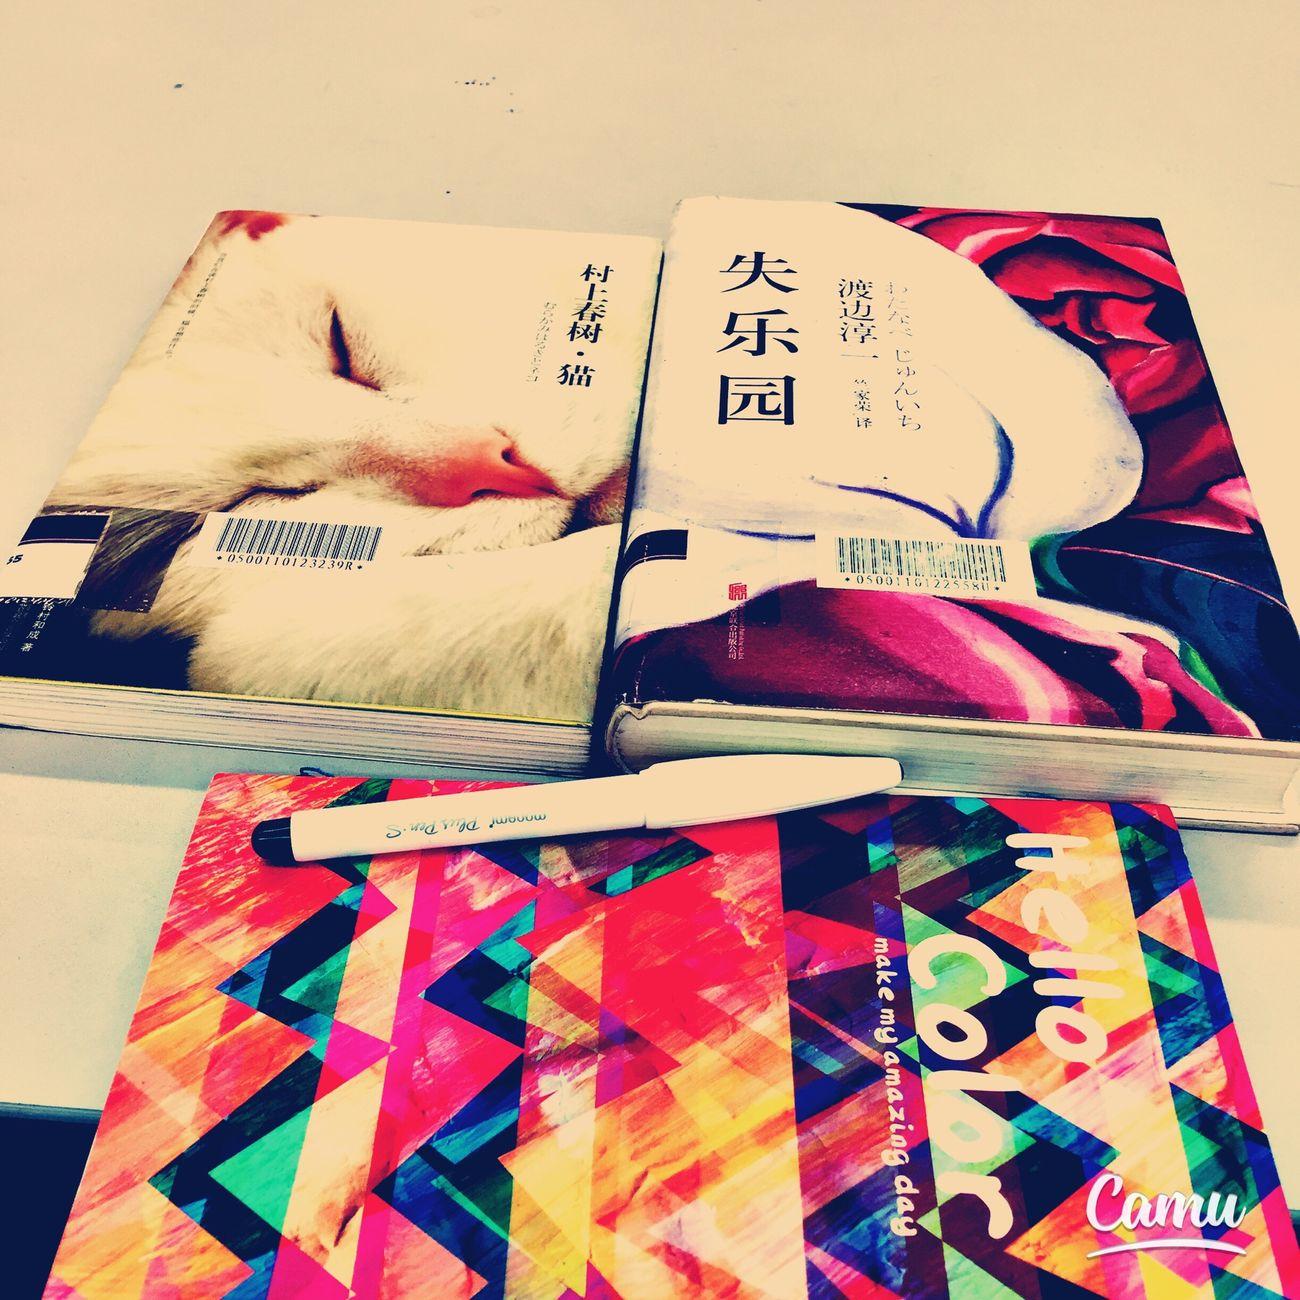 Books 換種心情看世界